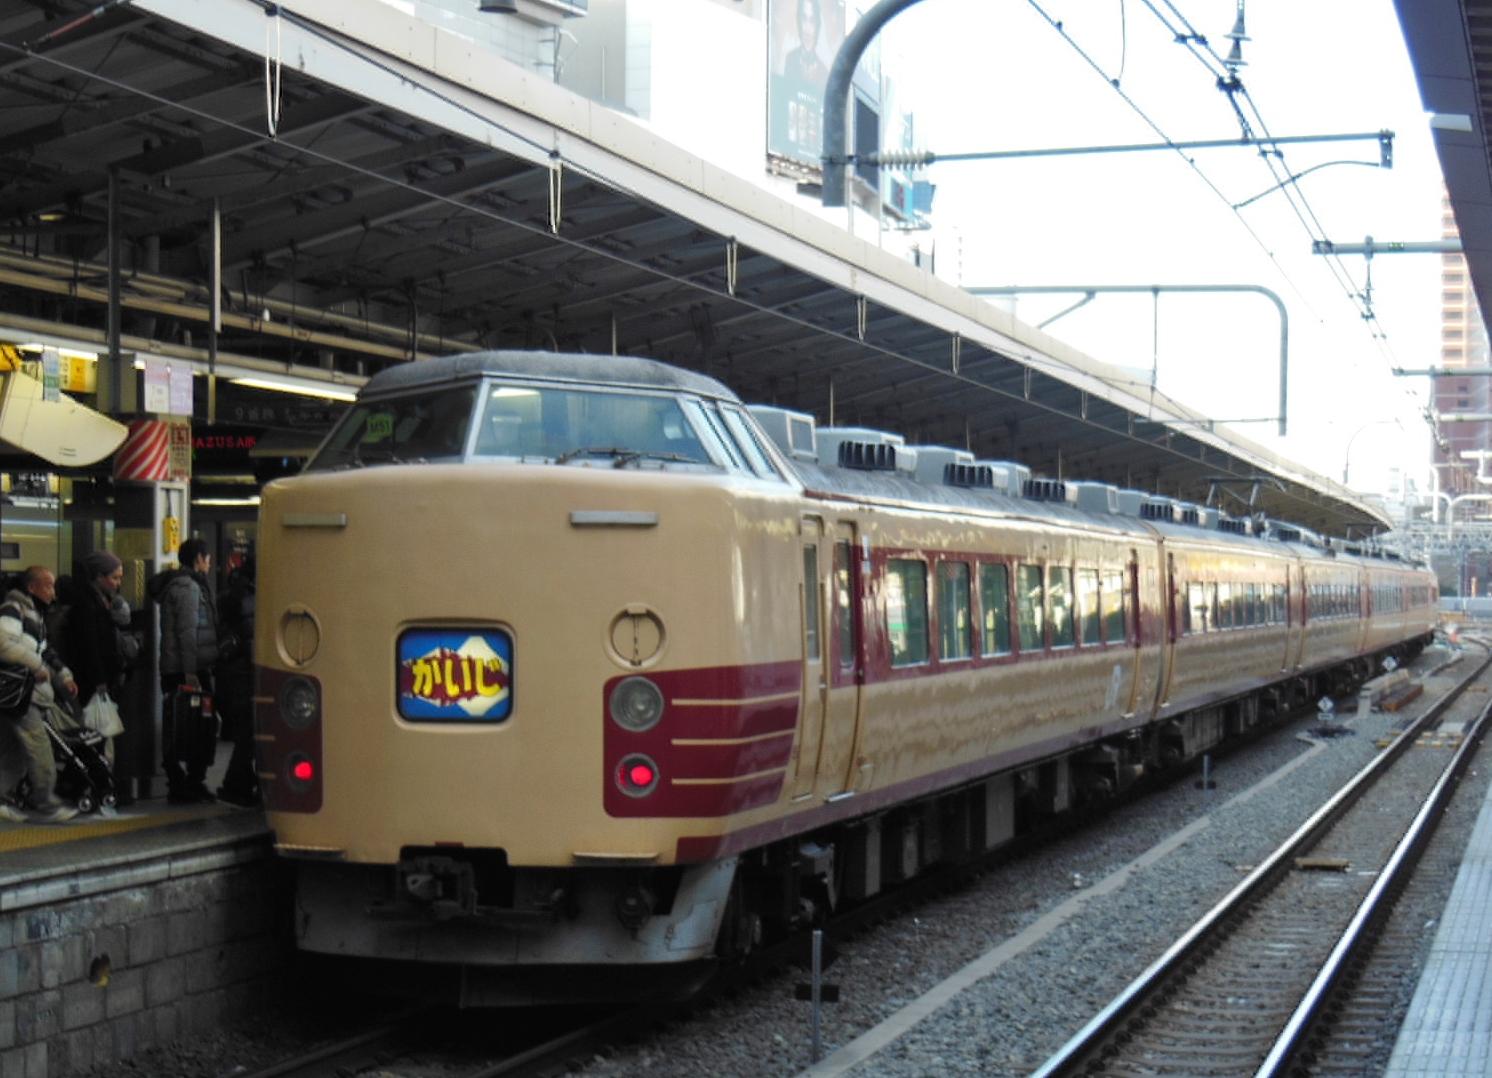 DSCN6439.jpg